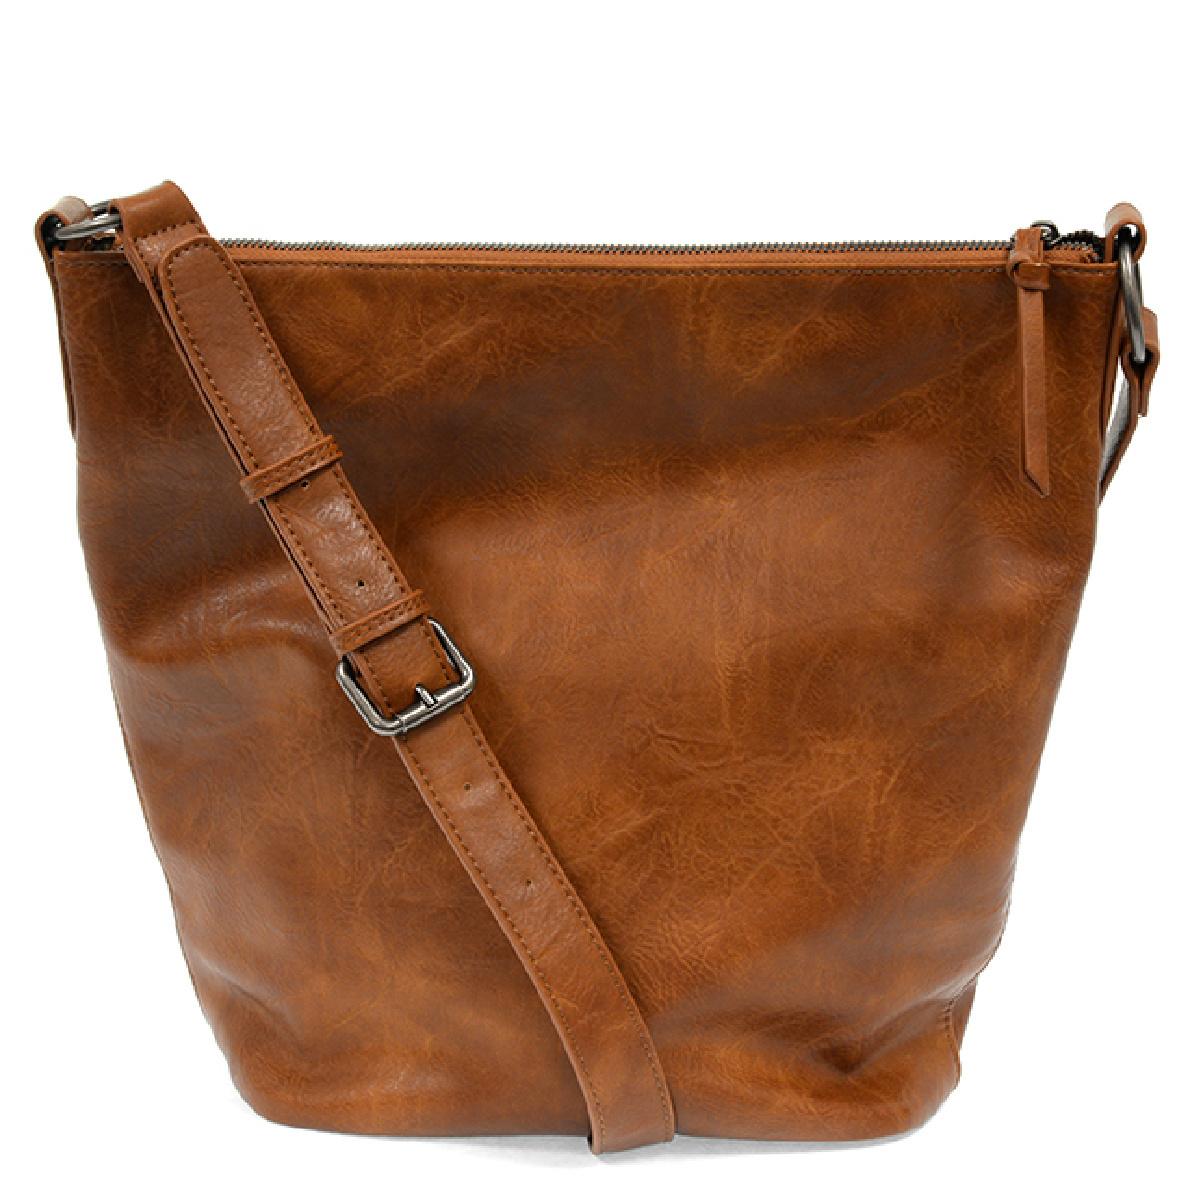 Joy Susan Joy Susan Nori Bucket Bag Caramel